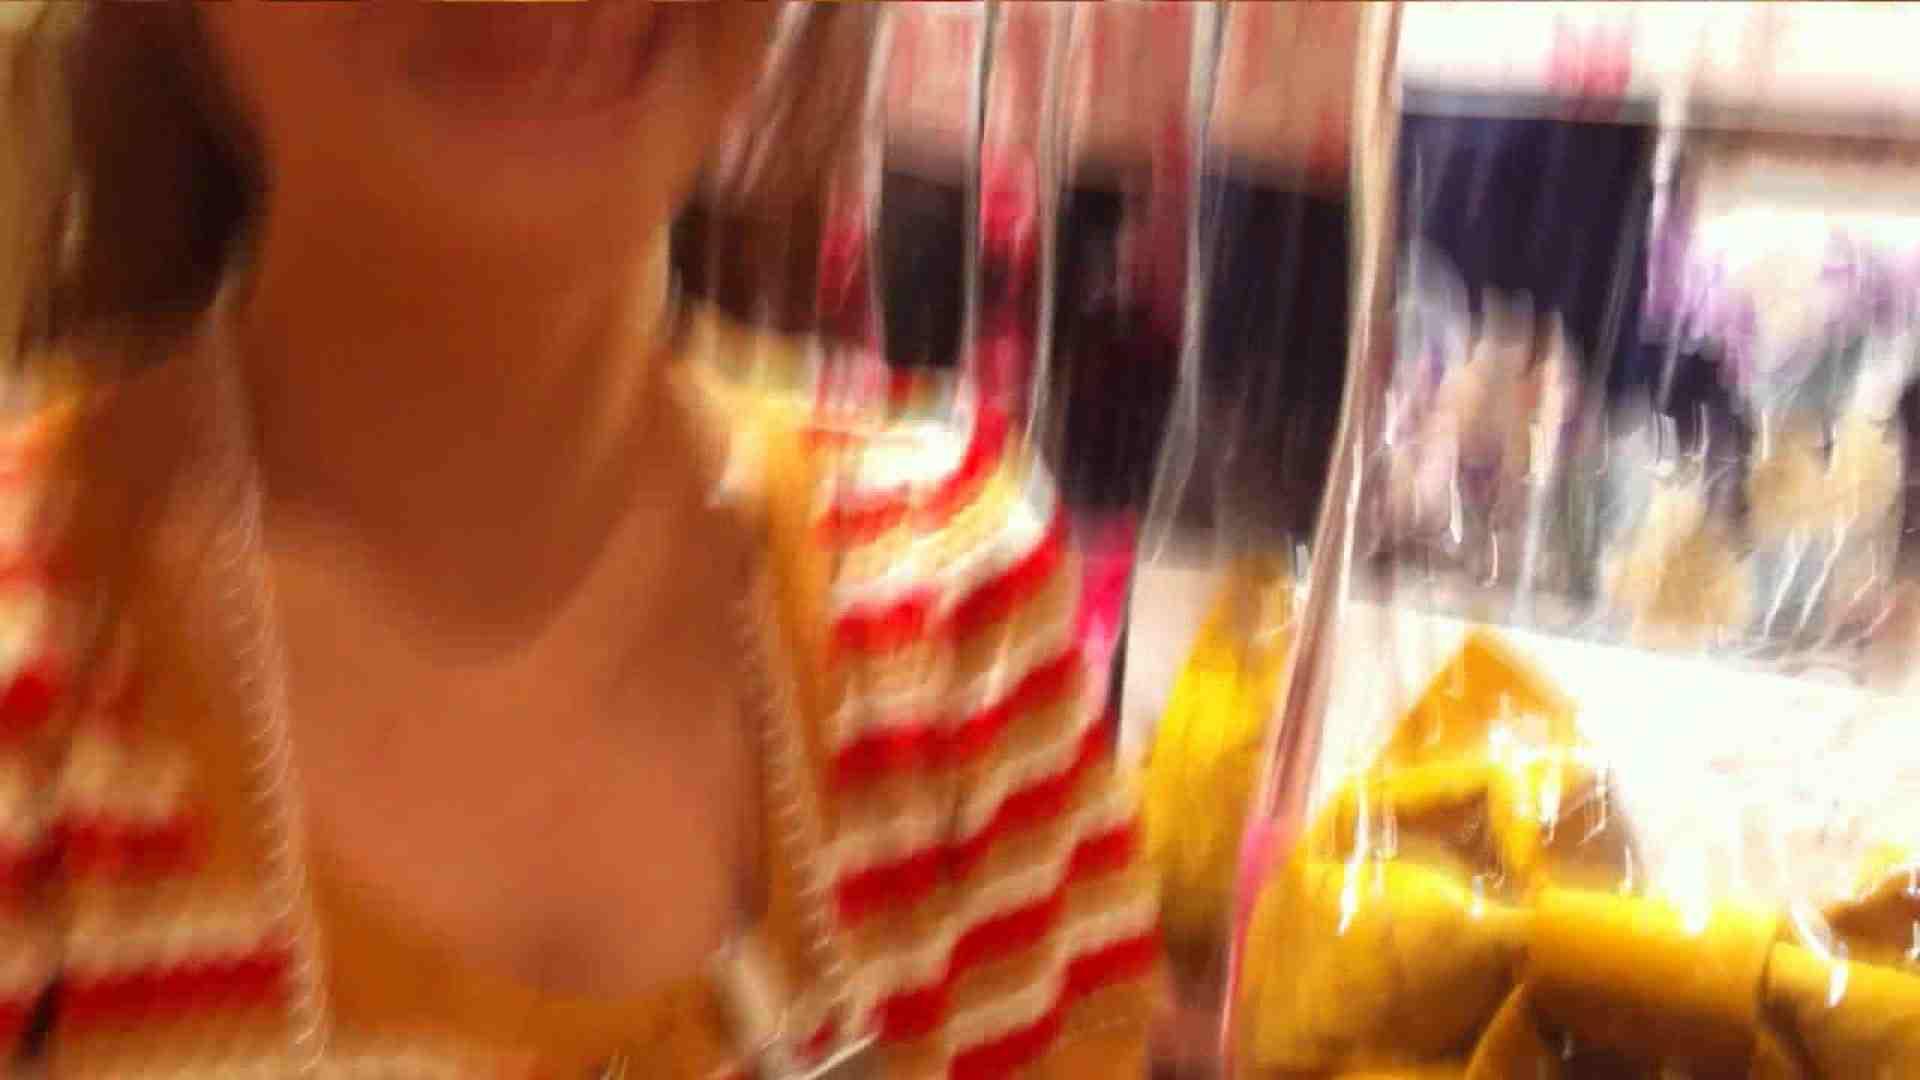 可愛いカリスマ店員限定‼胸チラ&パンチラ vol.12 OLエロ画像 覗きオメコ動画キャプチャ 110PICs 44